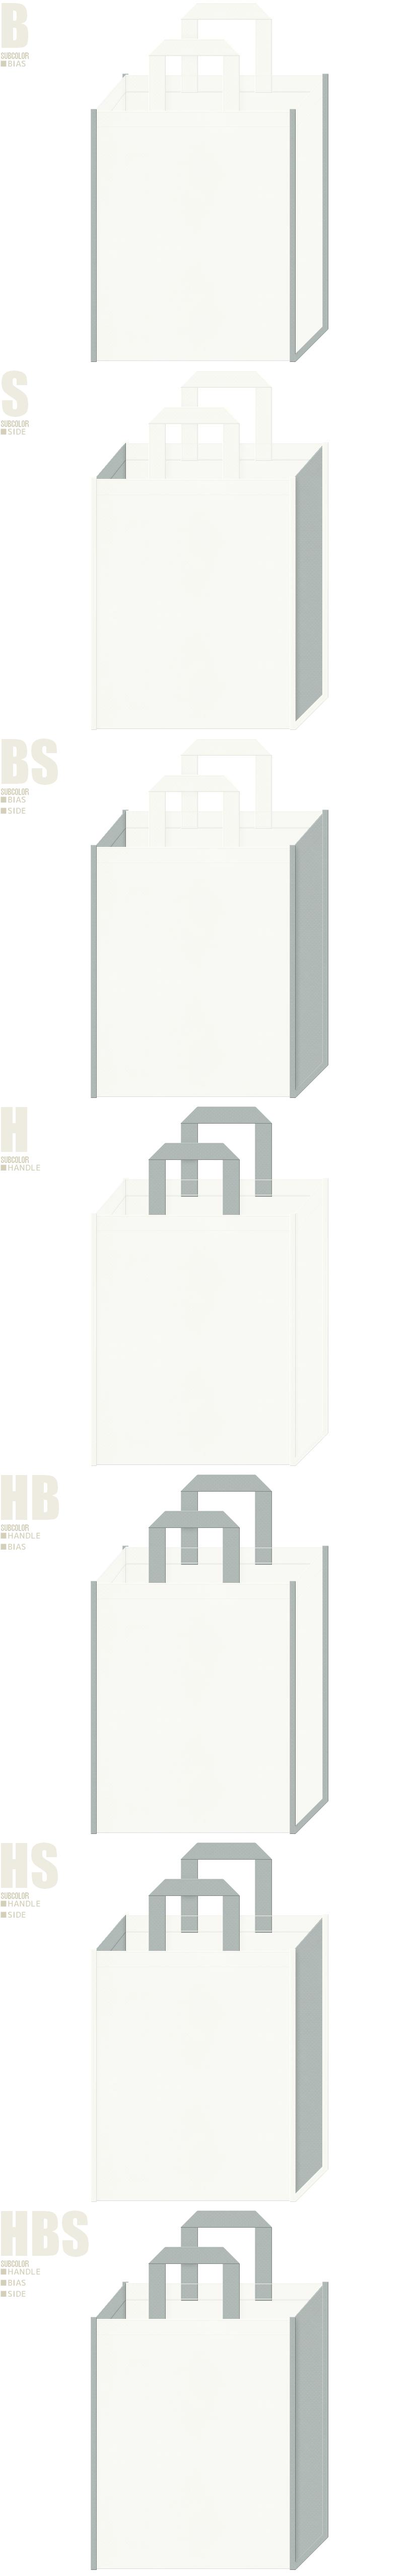 コアラ・イルカ・ネコ・フクロウ・都市計画・管工機材・ガス器具・ロボット・アルミサッシ・金属・機械・コンクリート・建築・ビルメンテナンス・製図・設計・什器・事務用品・文具の展示会用バッグにお奨めの不織布バッグデザイン:オフホワイト色とグレー色の不織布バッグ配色7パターン